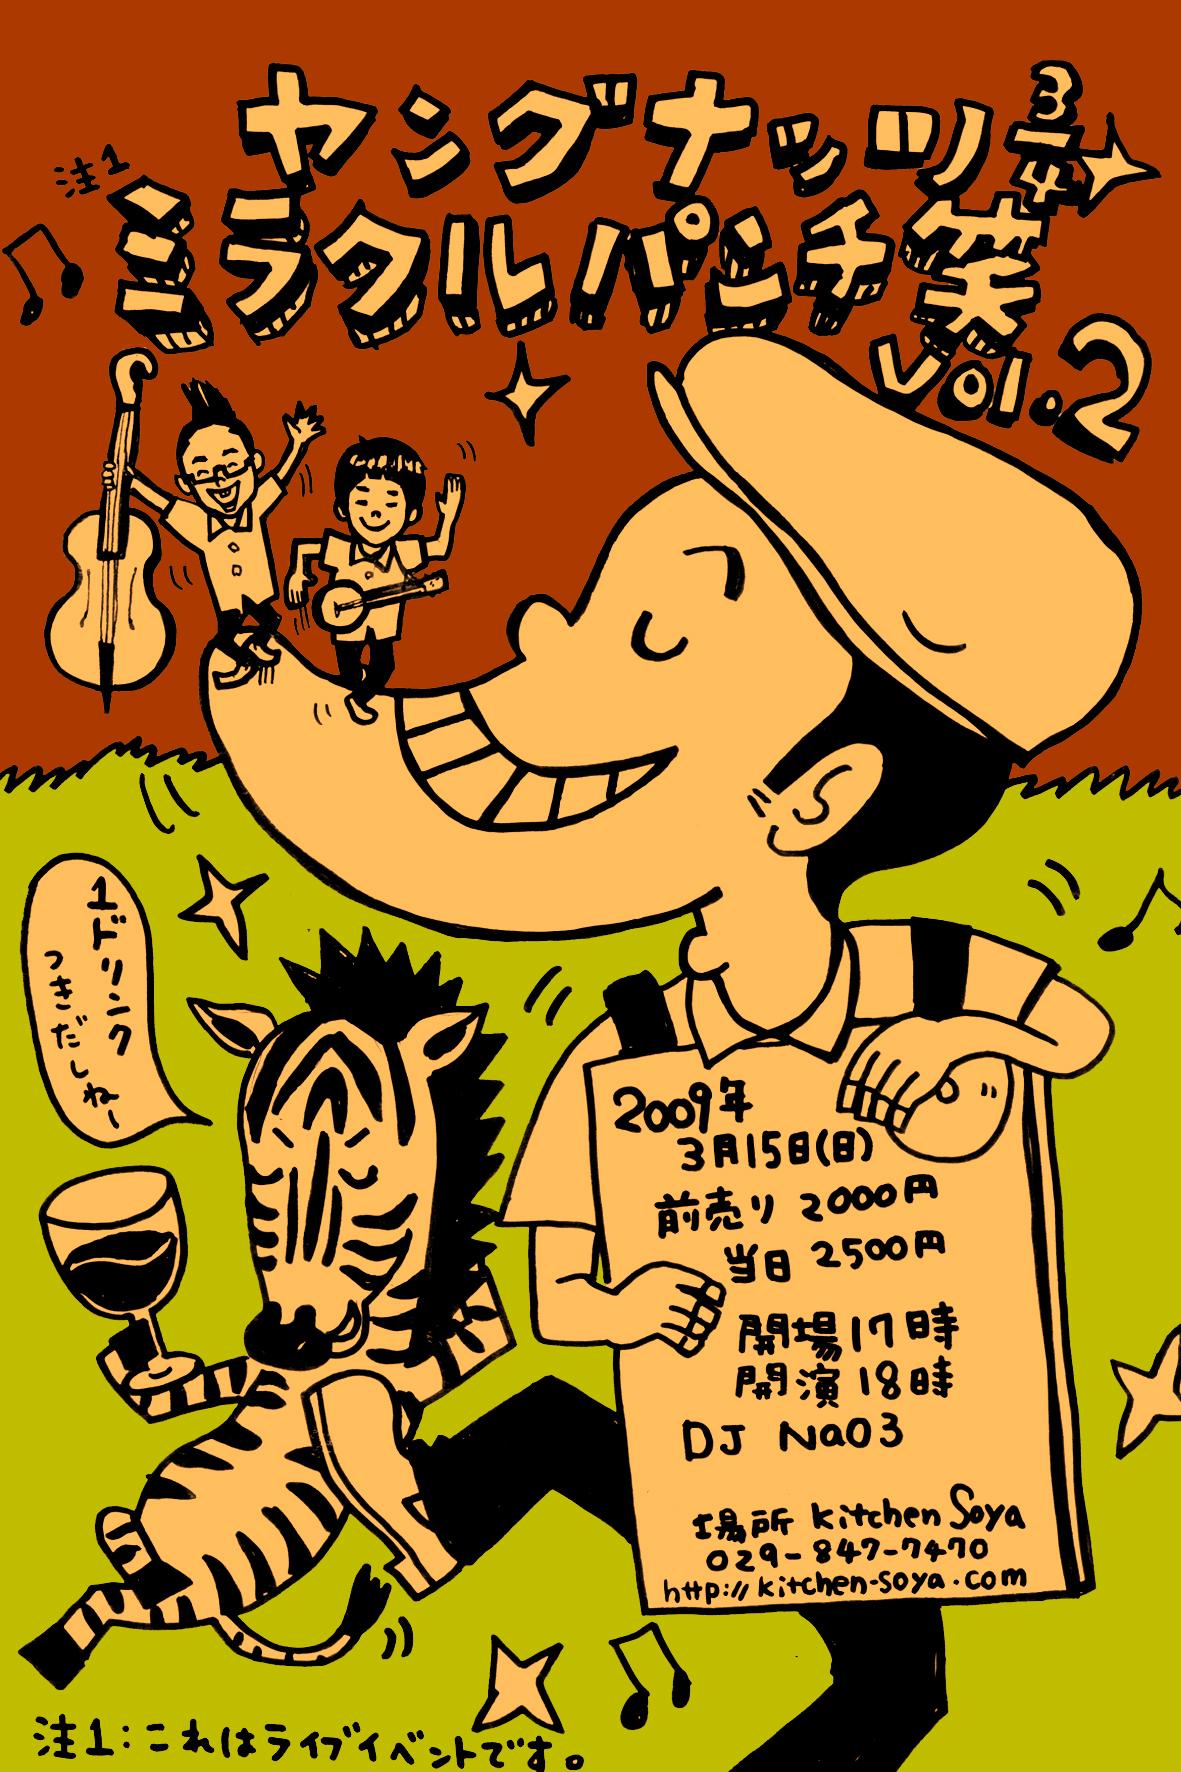 ヤング★ナッツ¾ミラクルパンチ笑 vol.2